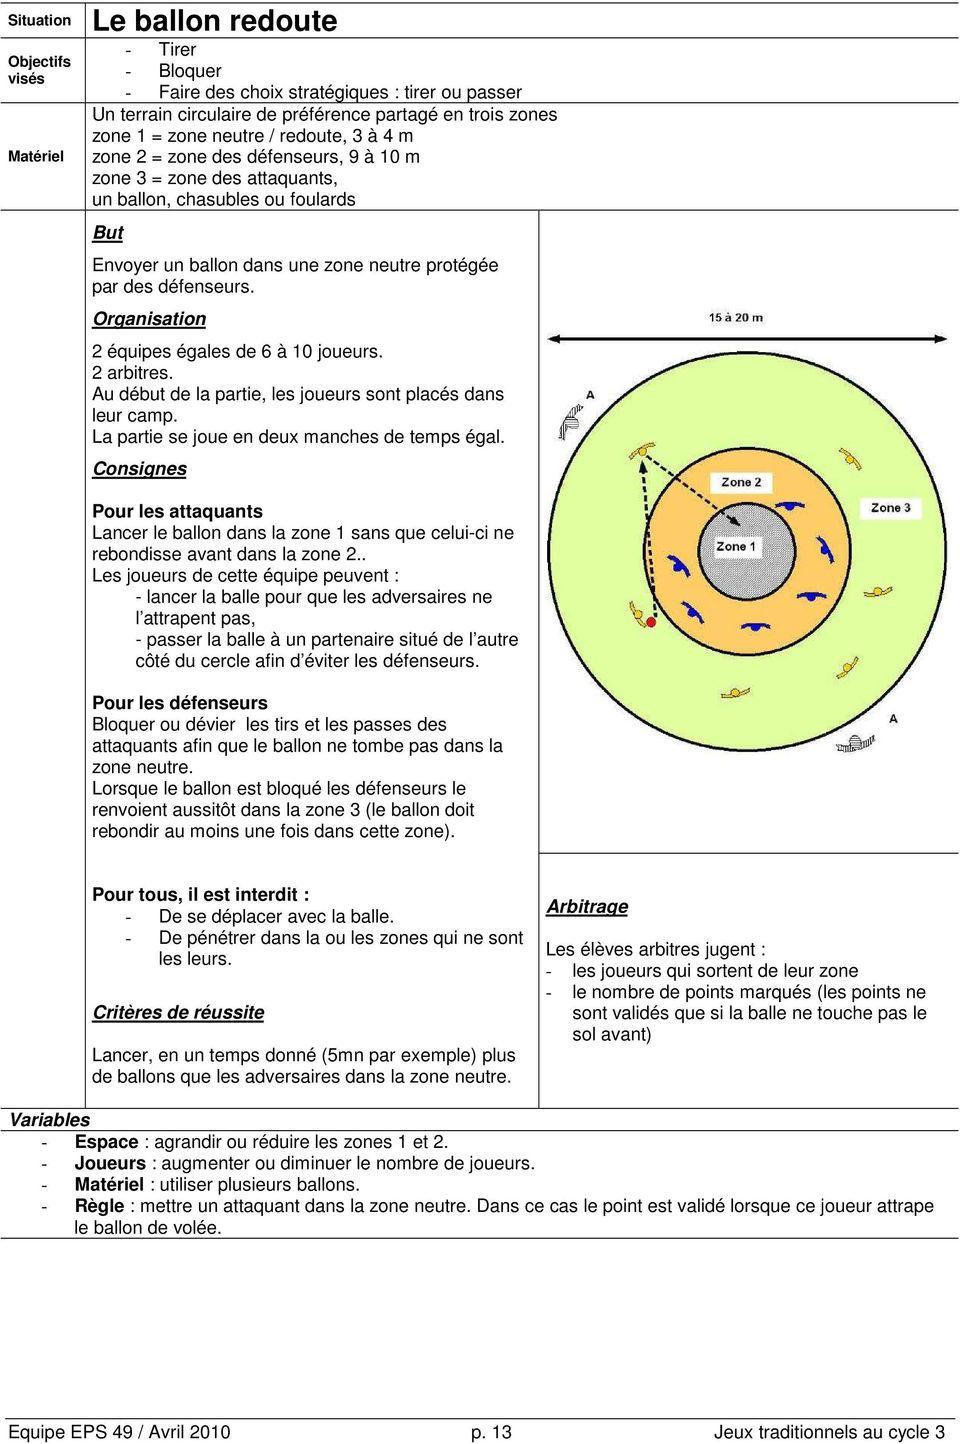 Jeux Collectifs Traditionnels Au Cycle 3 - Pdf concernant Jeux Collectifs Cycle 3 Sans Ballon